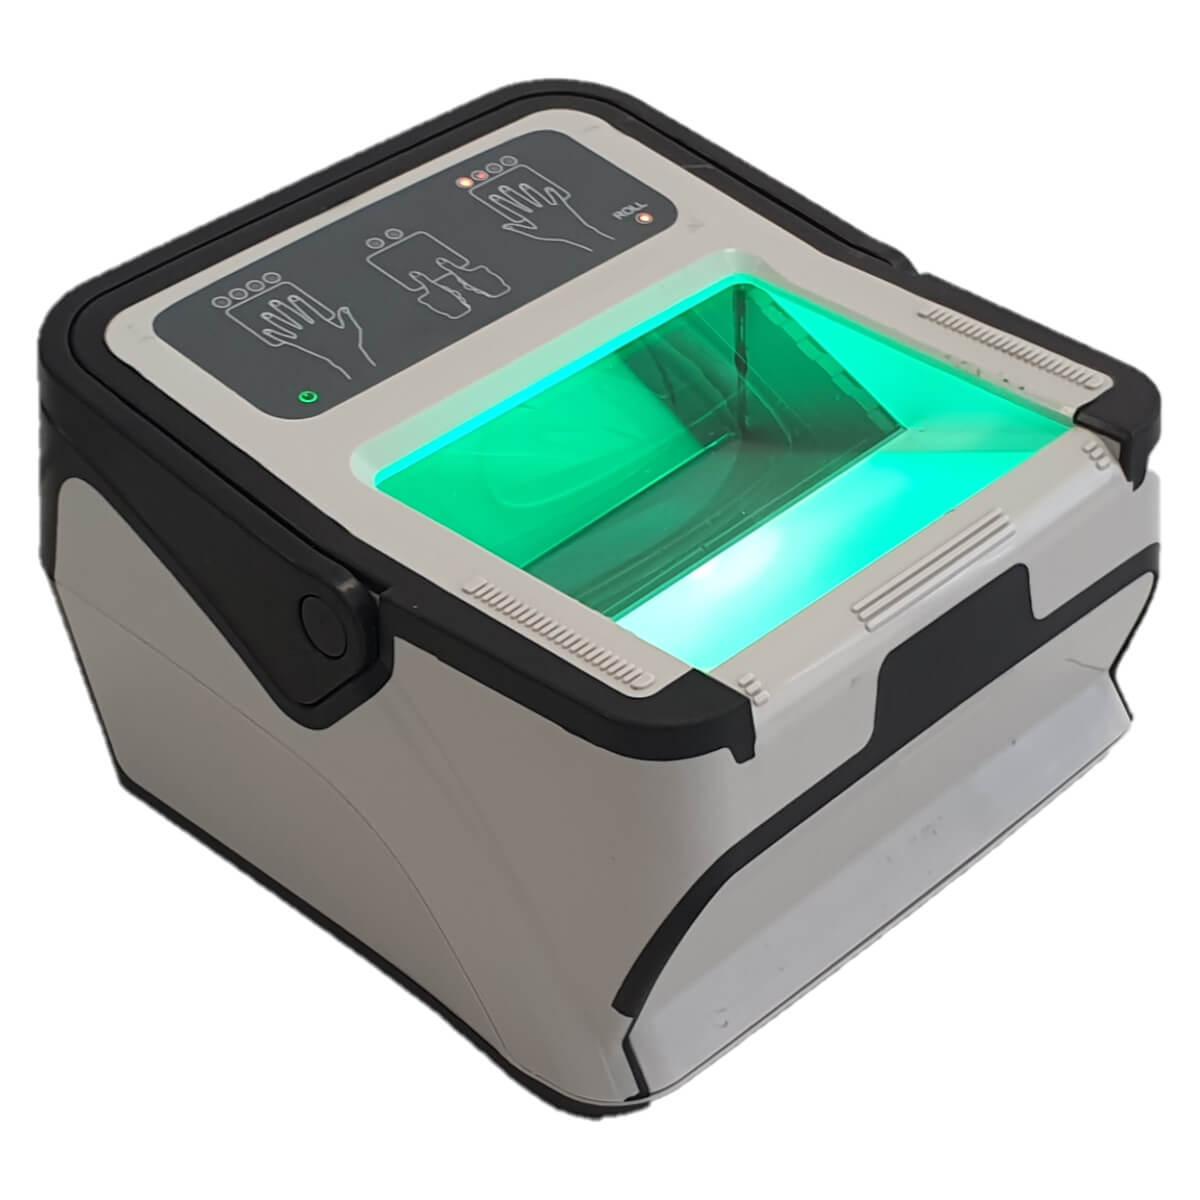 Czytnik biometryczny Thales Cogent CS500f odczyt odcisków linii papilarnych